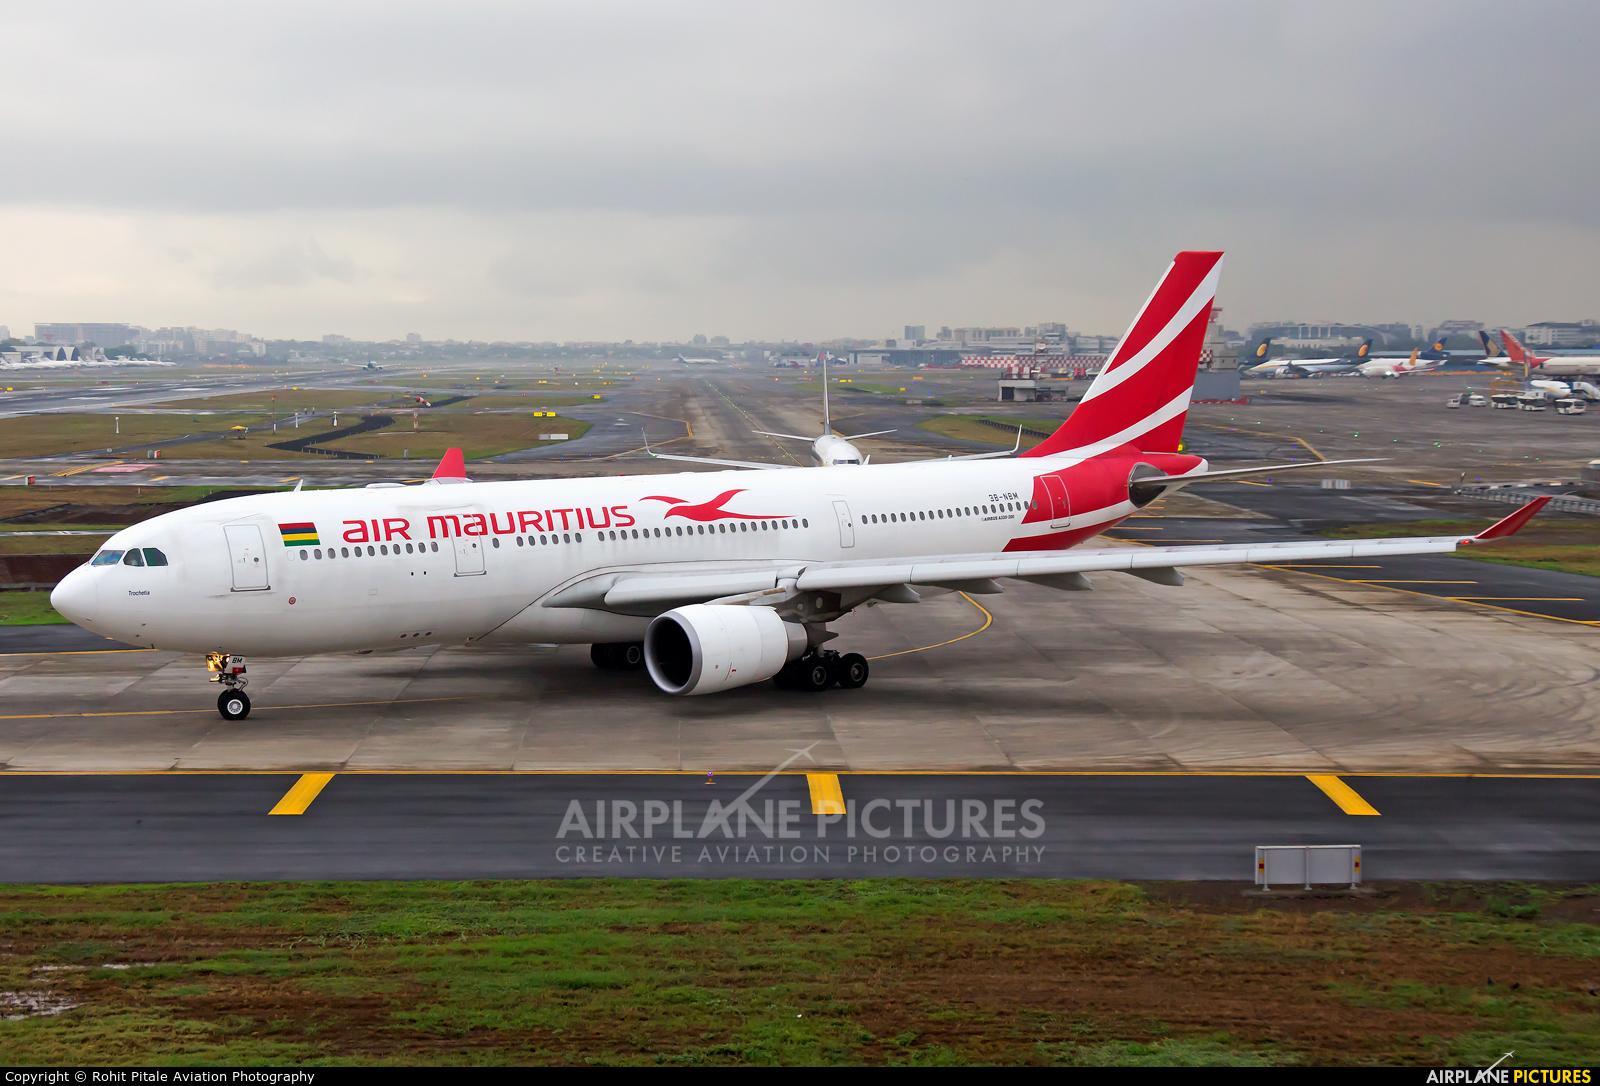 Air Mauritius 3B-NBM aircraft at Mumbai - Chhatrapati Shivaji Intl